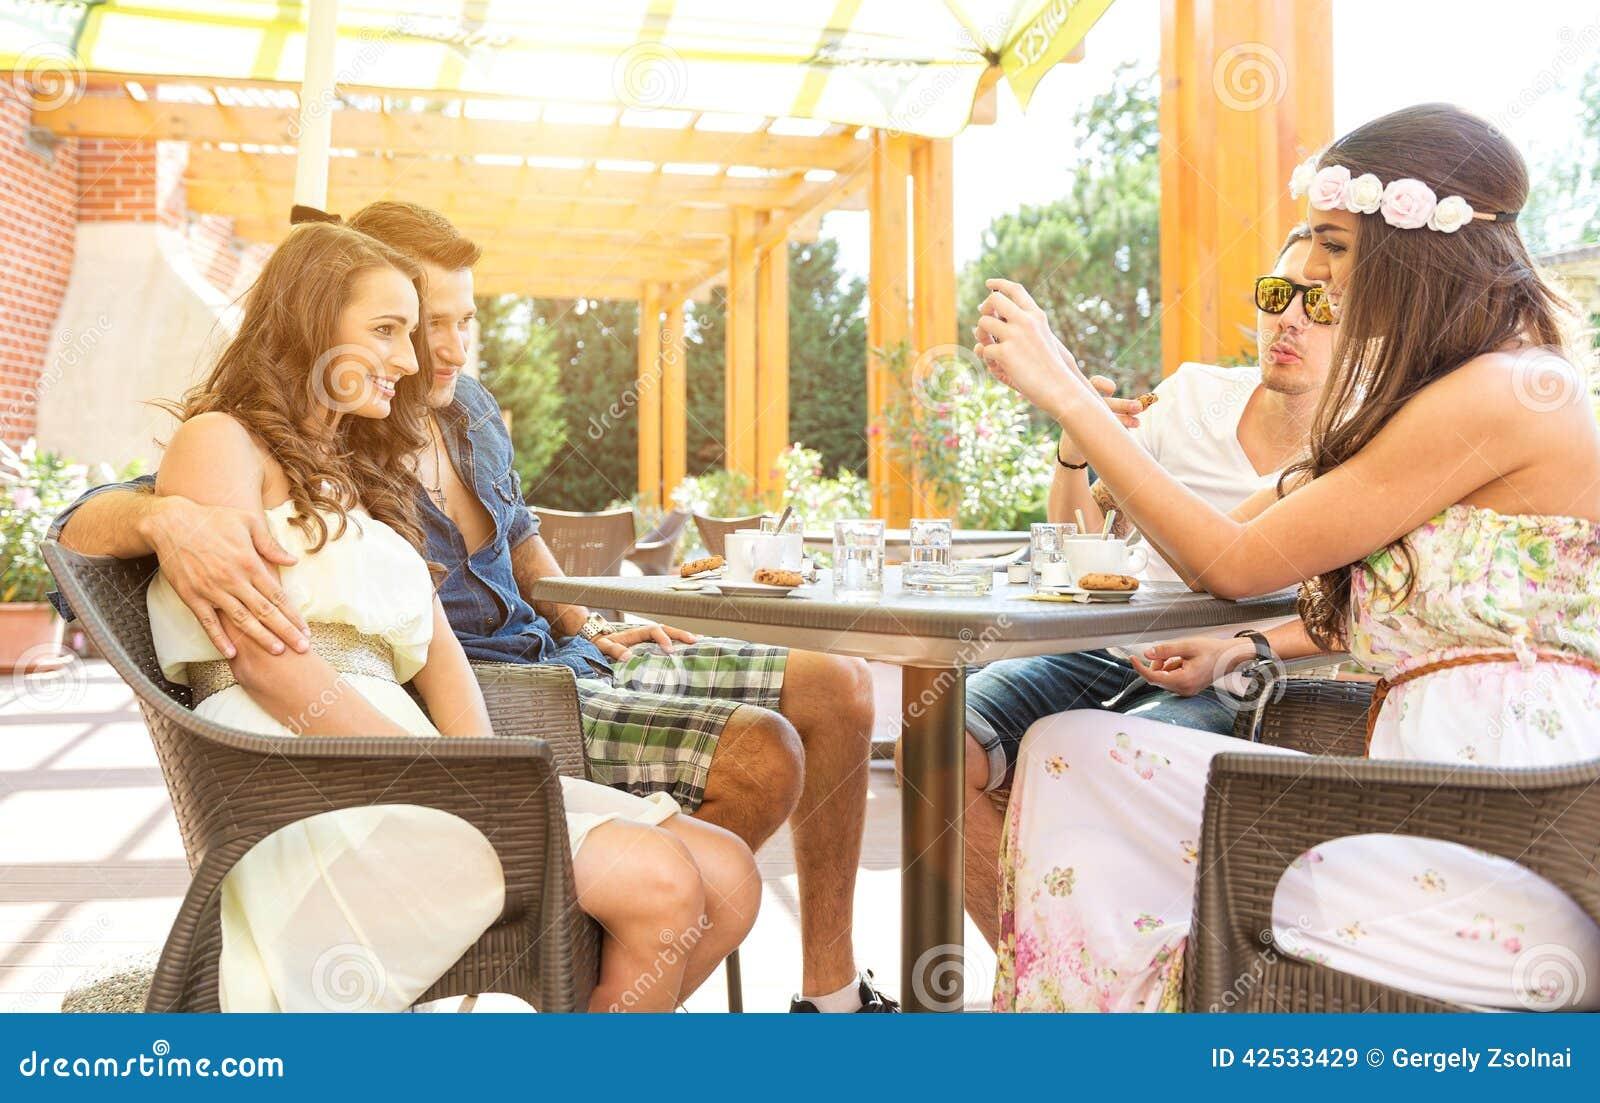 Οι καλοί φίλοι μιλούν στο πεζούλι, που γίνεται †‹â€ ‹μια καλή φωτογραφία με το κινητό τηλέφωνο